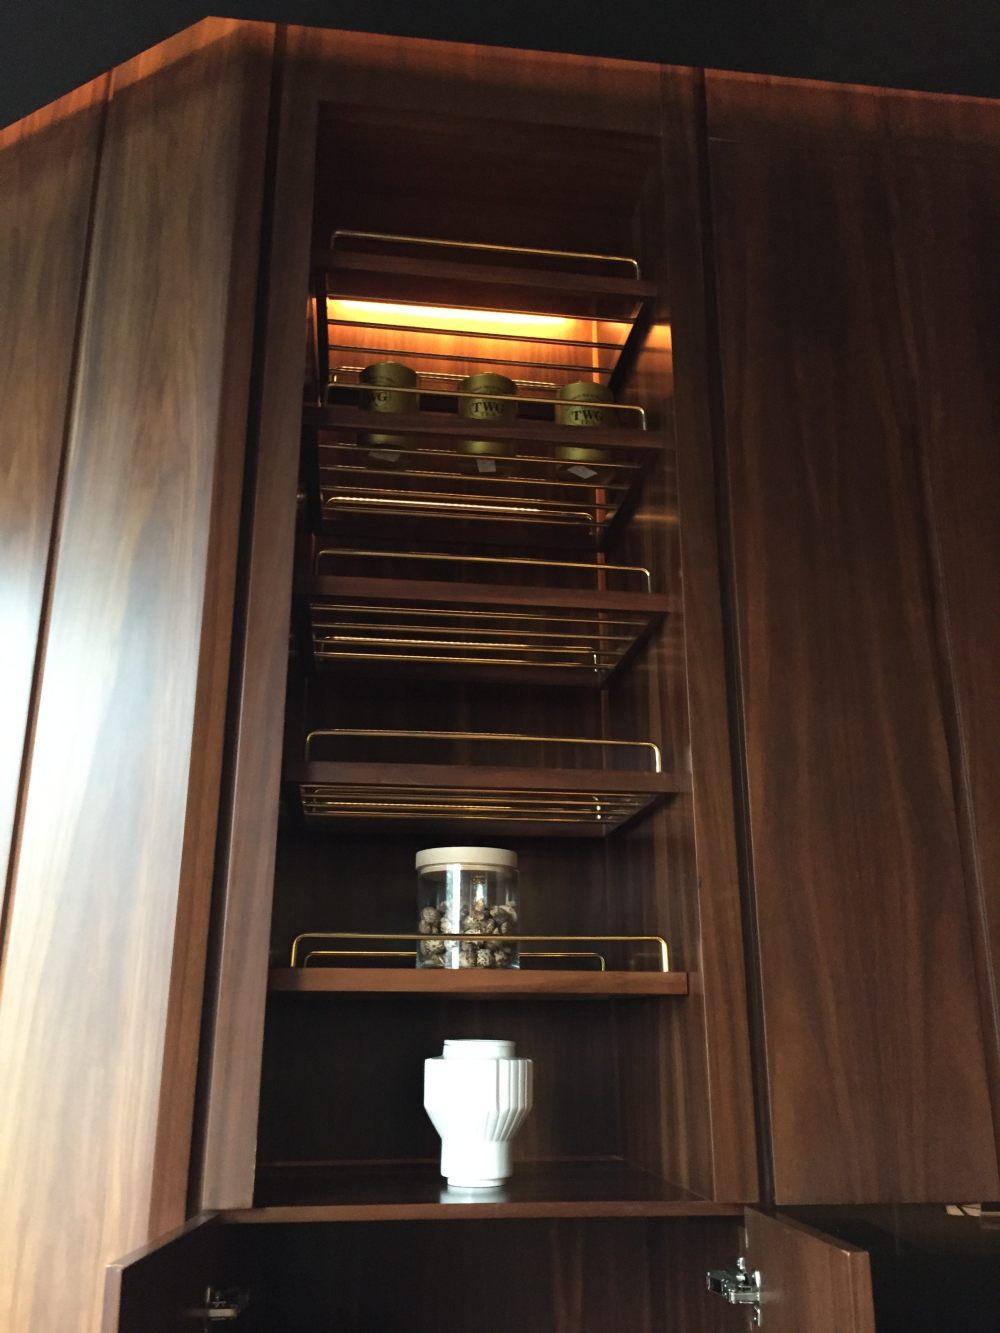 上海外滩W酒店,史上最全入住体验 自拍分享,申请置...._IMG_6320.JPG